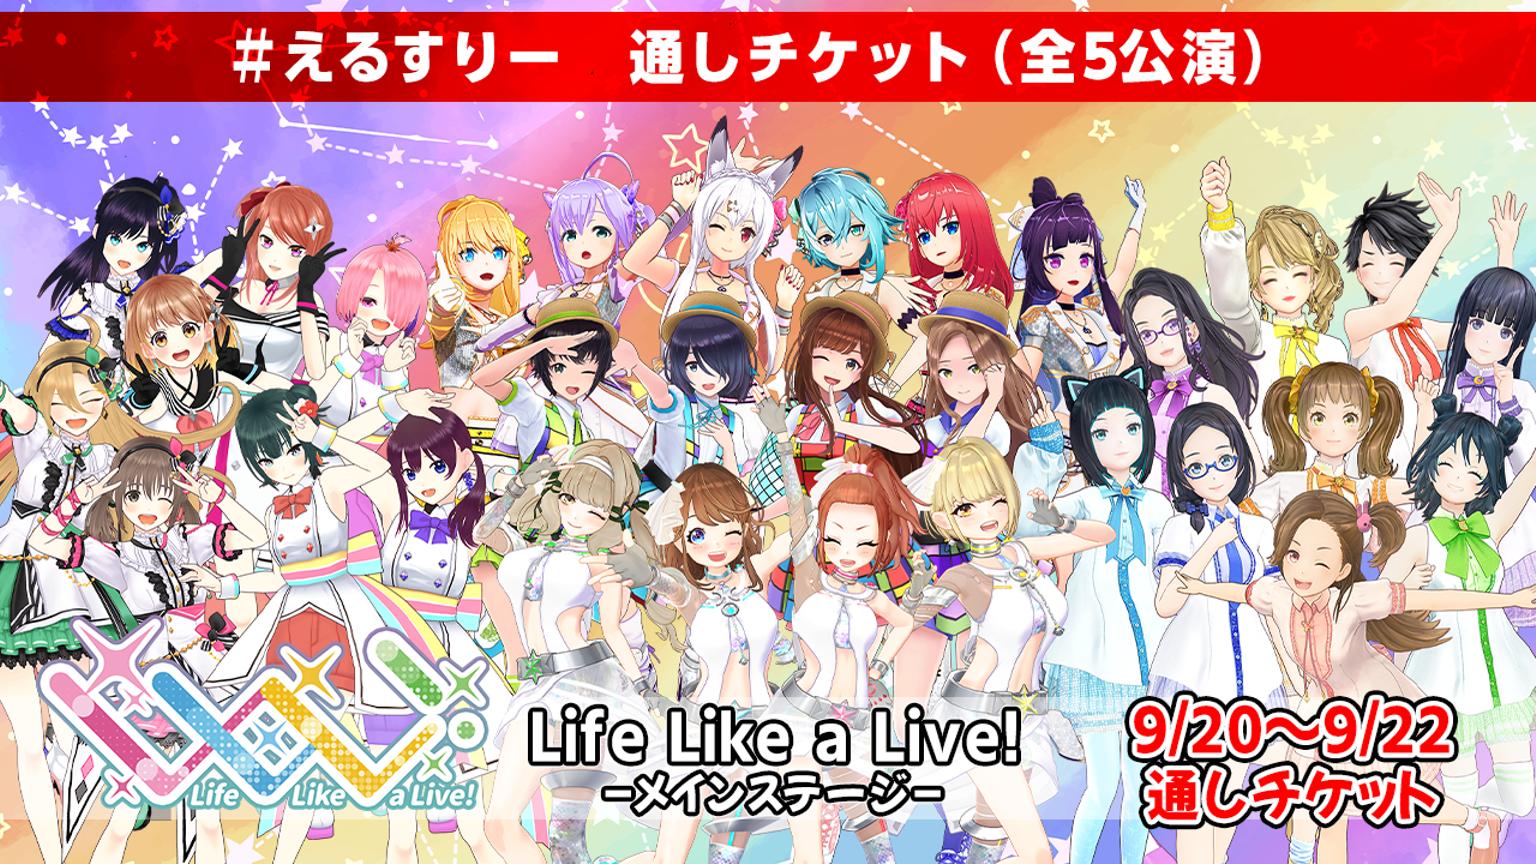 【3日間通し(5公演)】Life Like a Live!